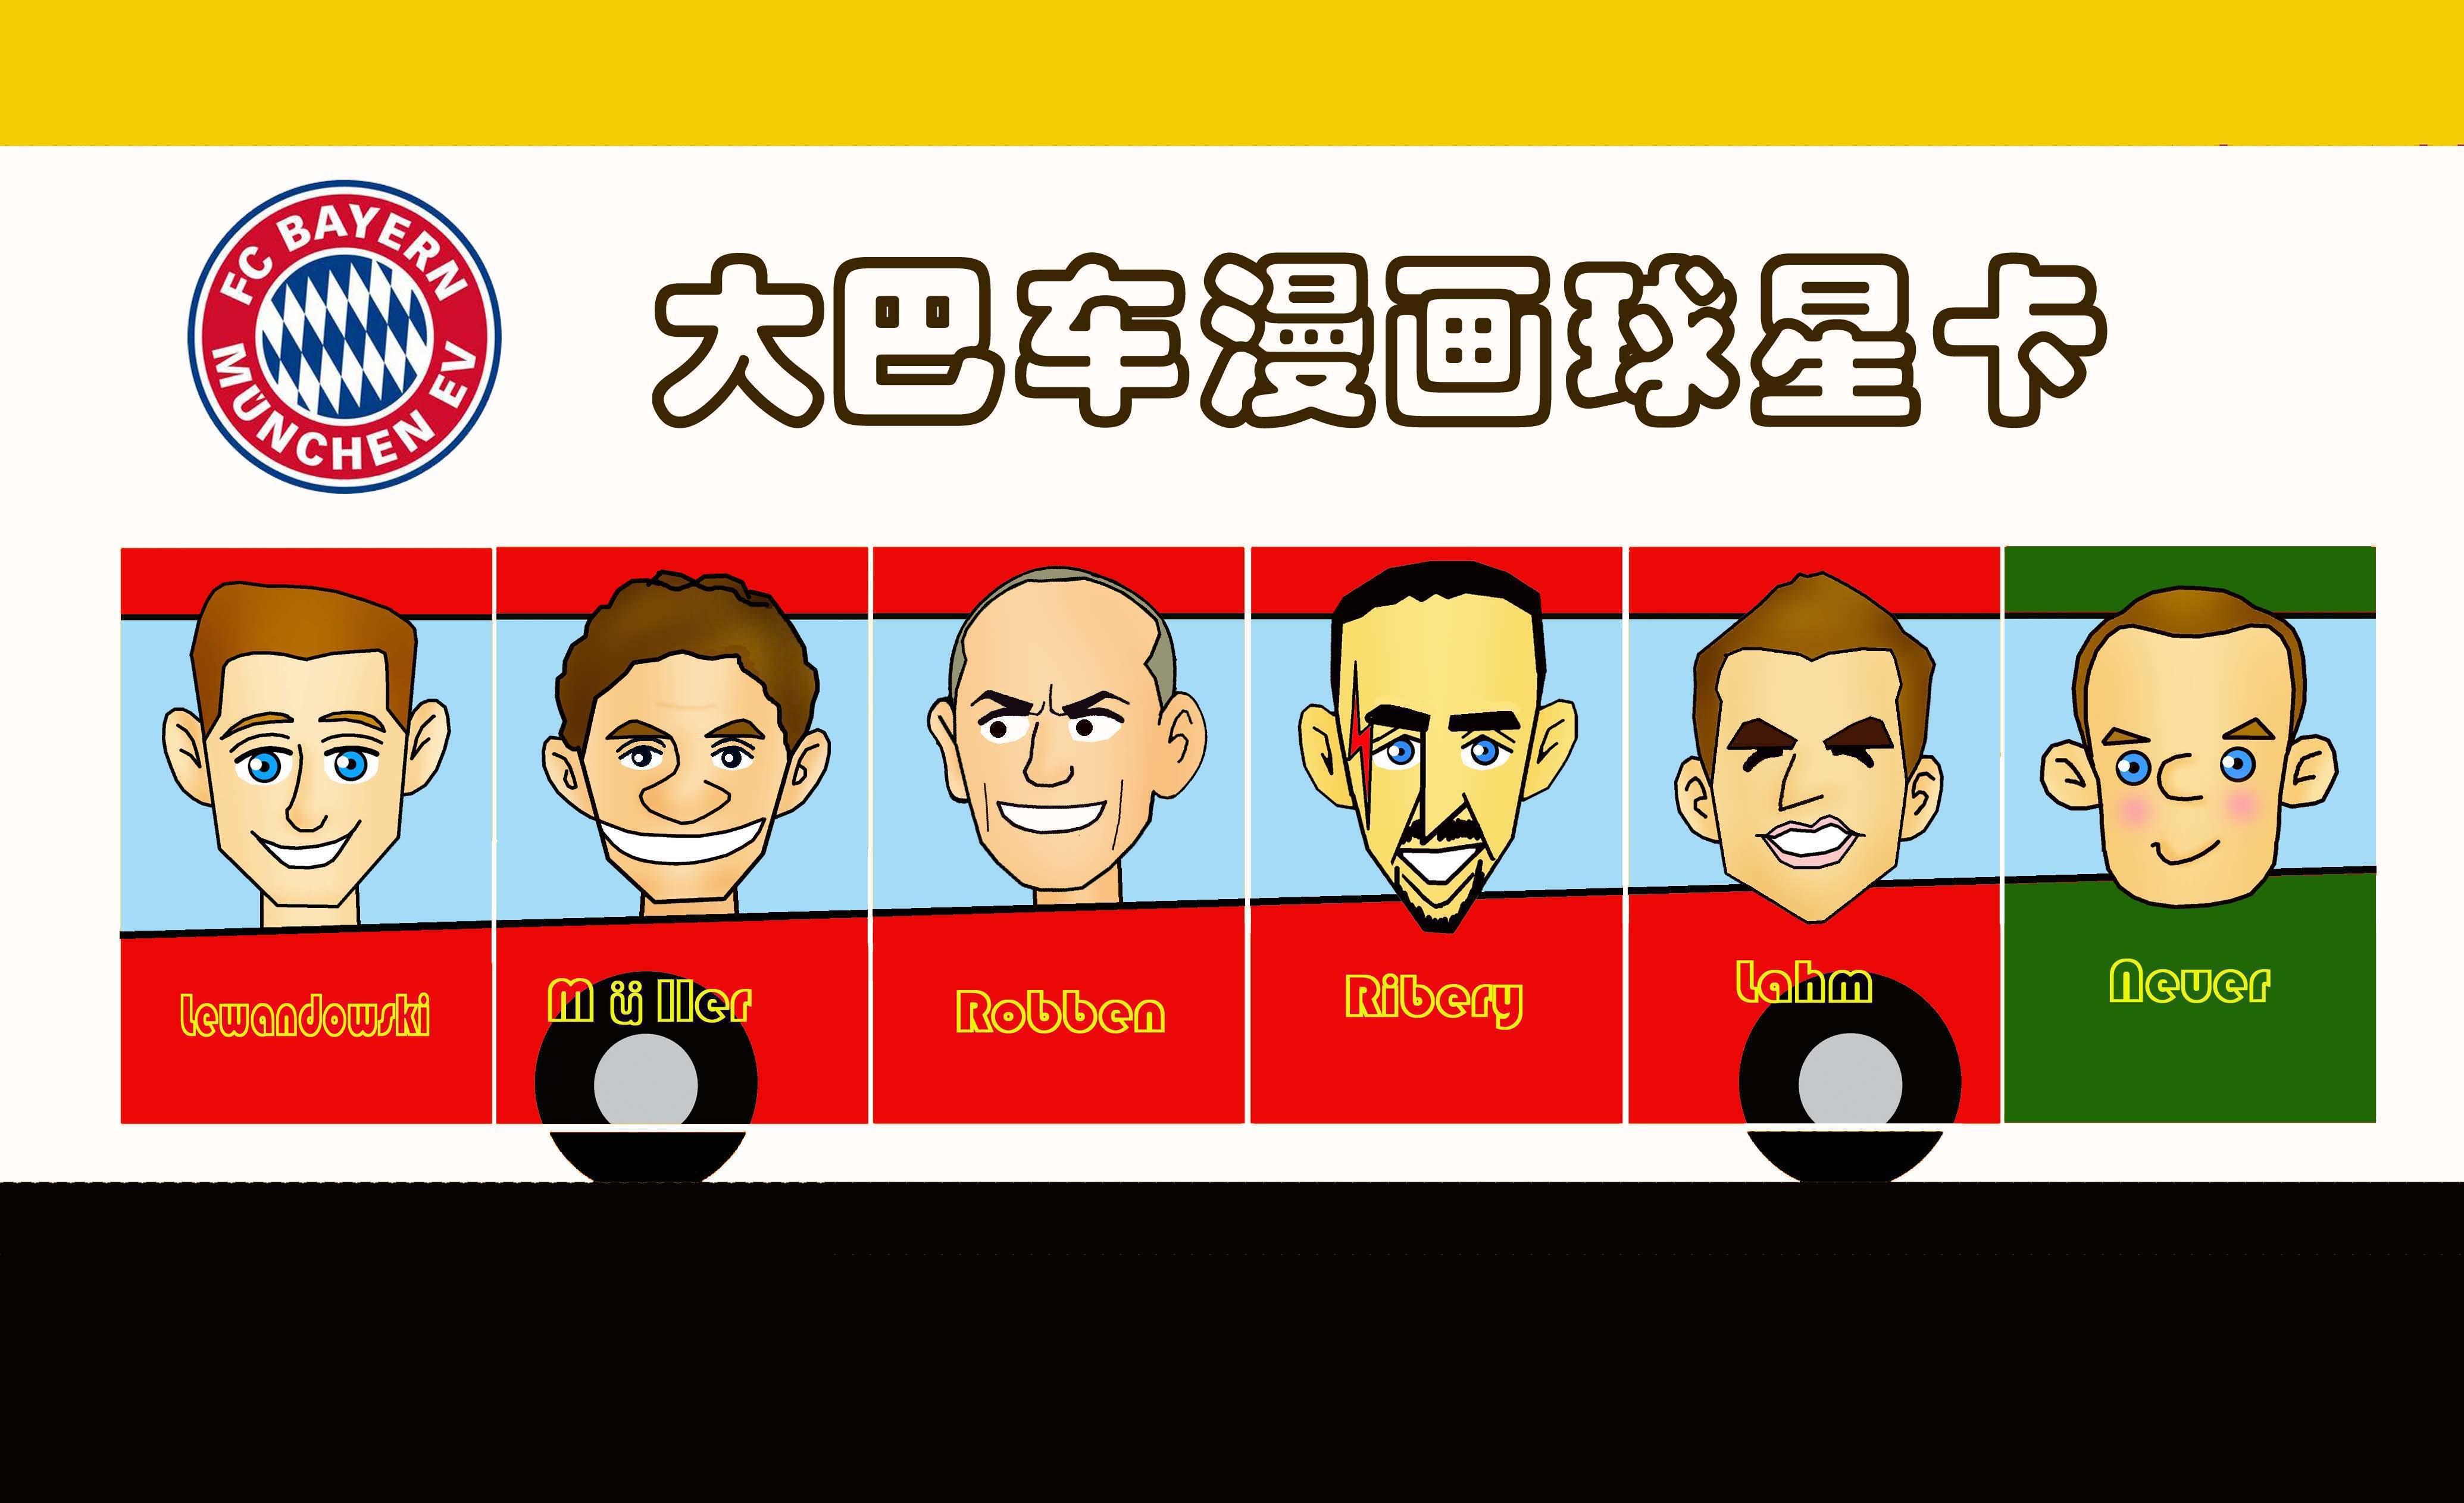 原创大巴车漫画球星卡 我来 笔画 你来猜第三季